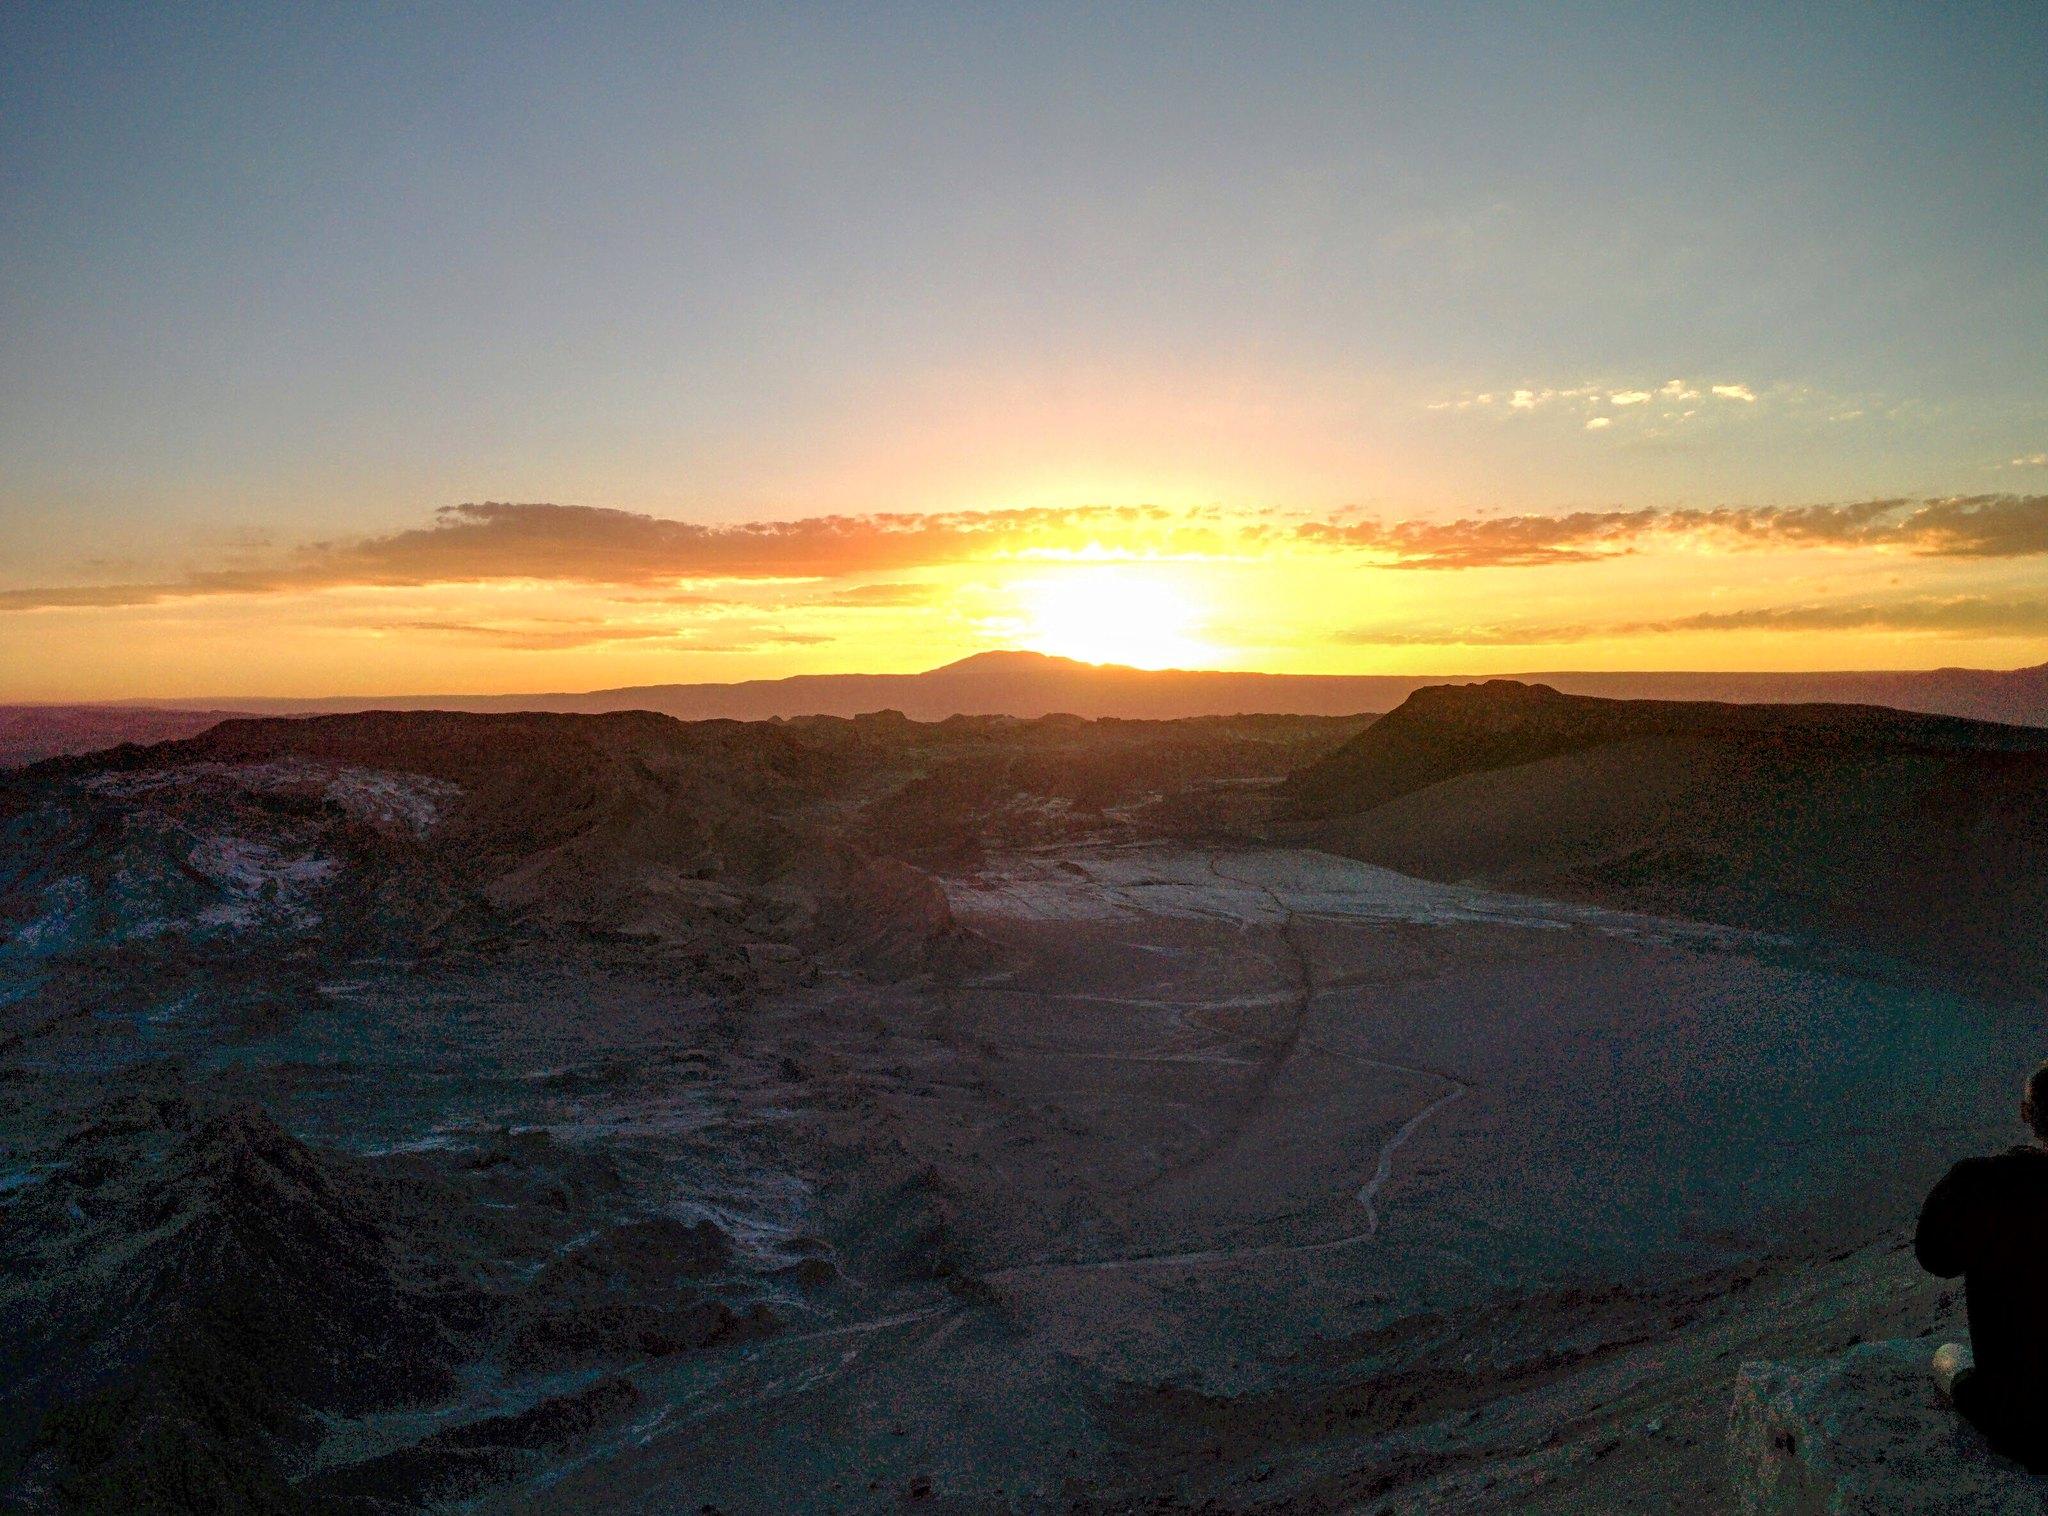 Sunset over the Atacama